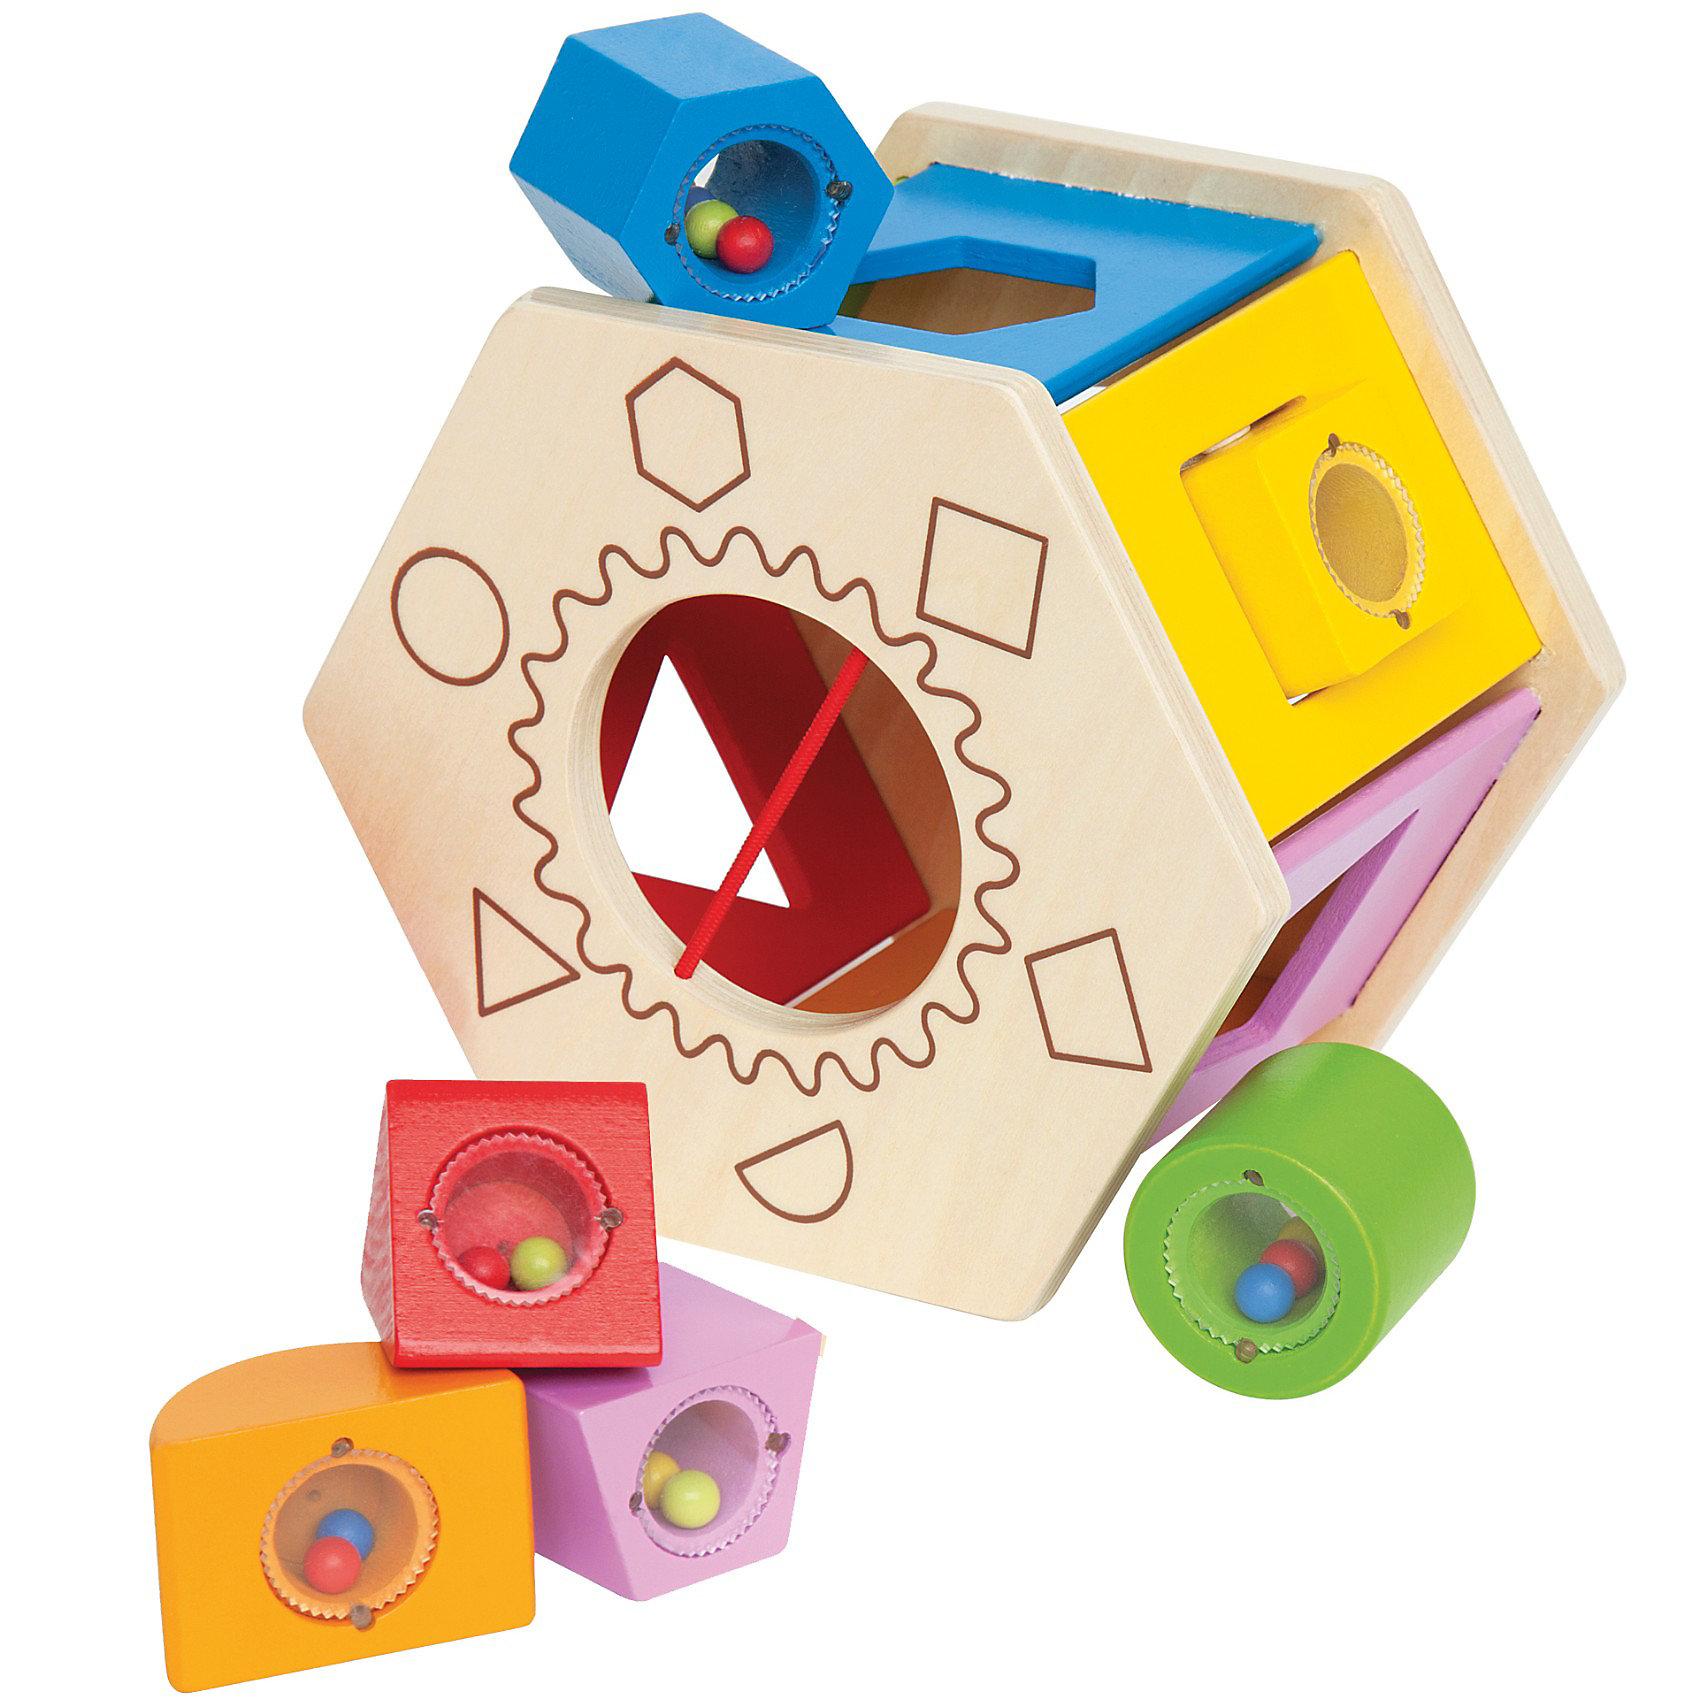 Hape Игрушка деревянная Сортер, Hape каталки hape игрушка деревянная бабочка